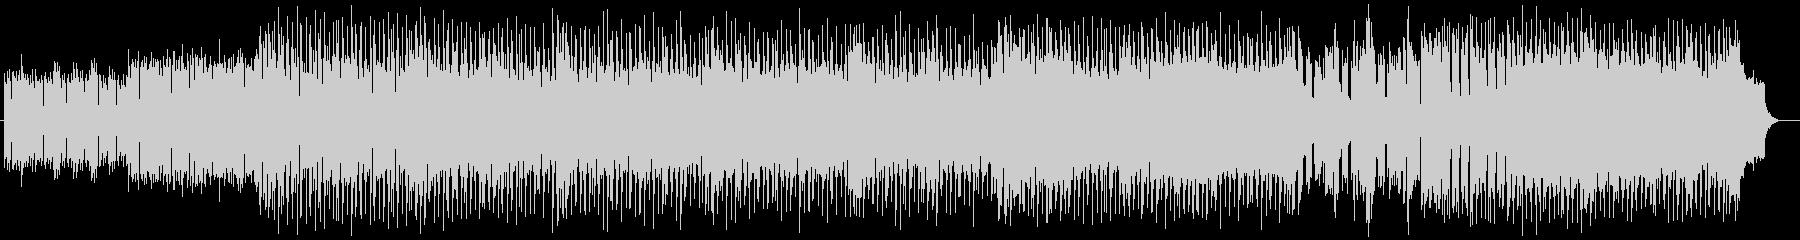 明るく楽しげな管楽器シンセサウンドの未再生の波形